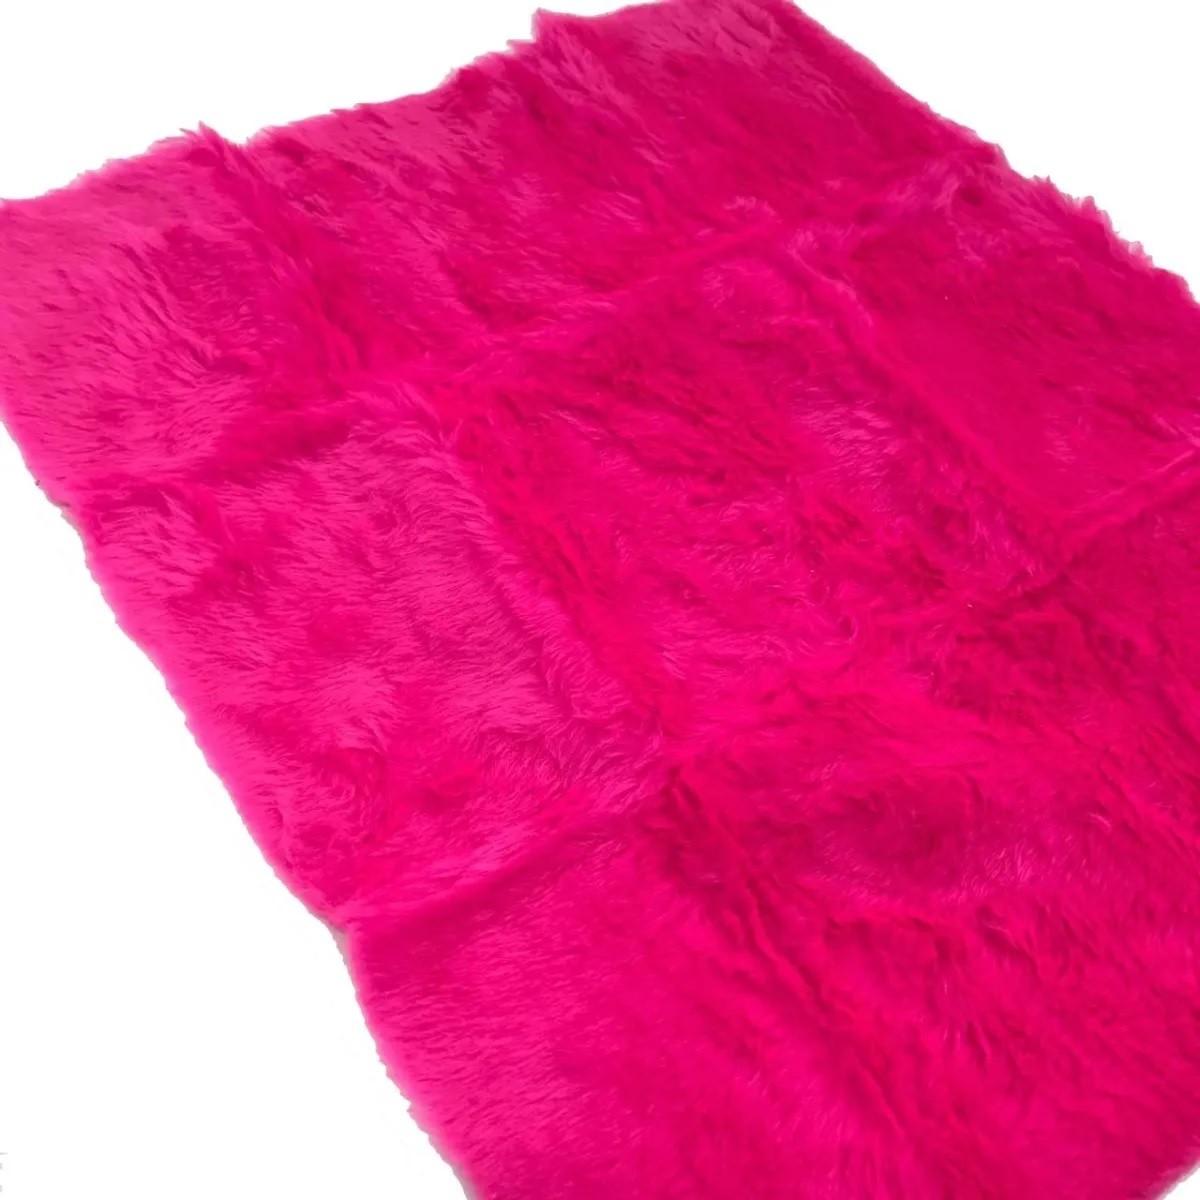 Tapete Pelúcia Fotos Para Unhas Manicure Alongamento Rosa Escuro